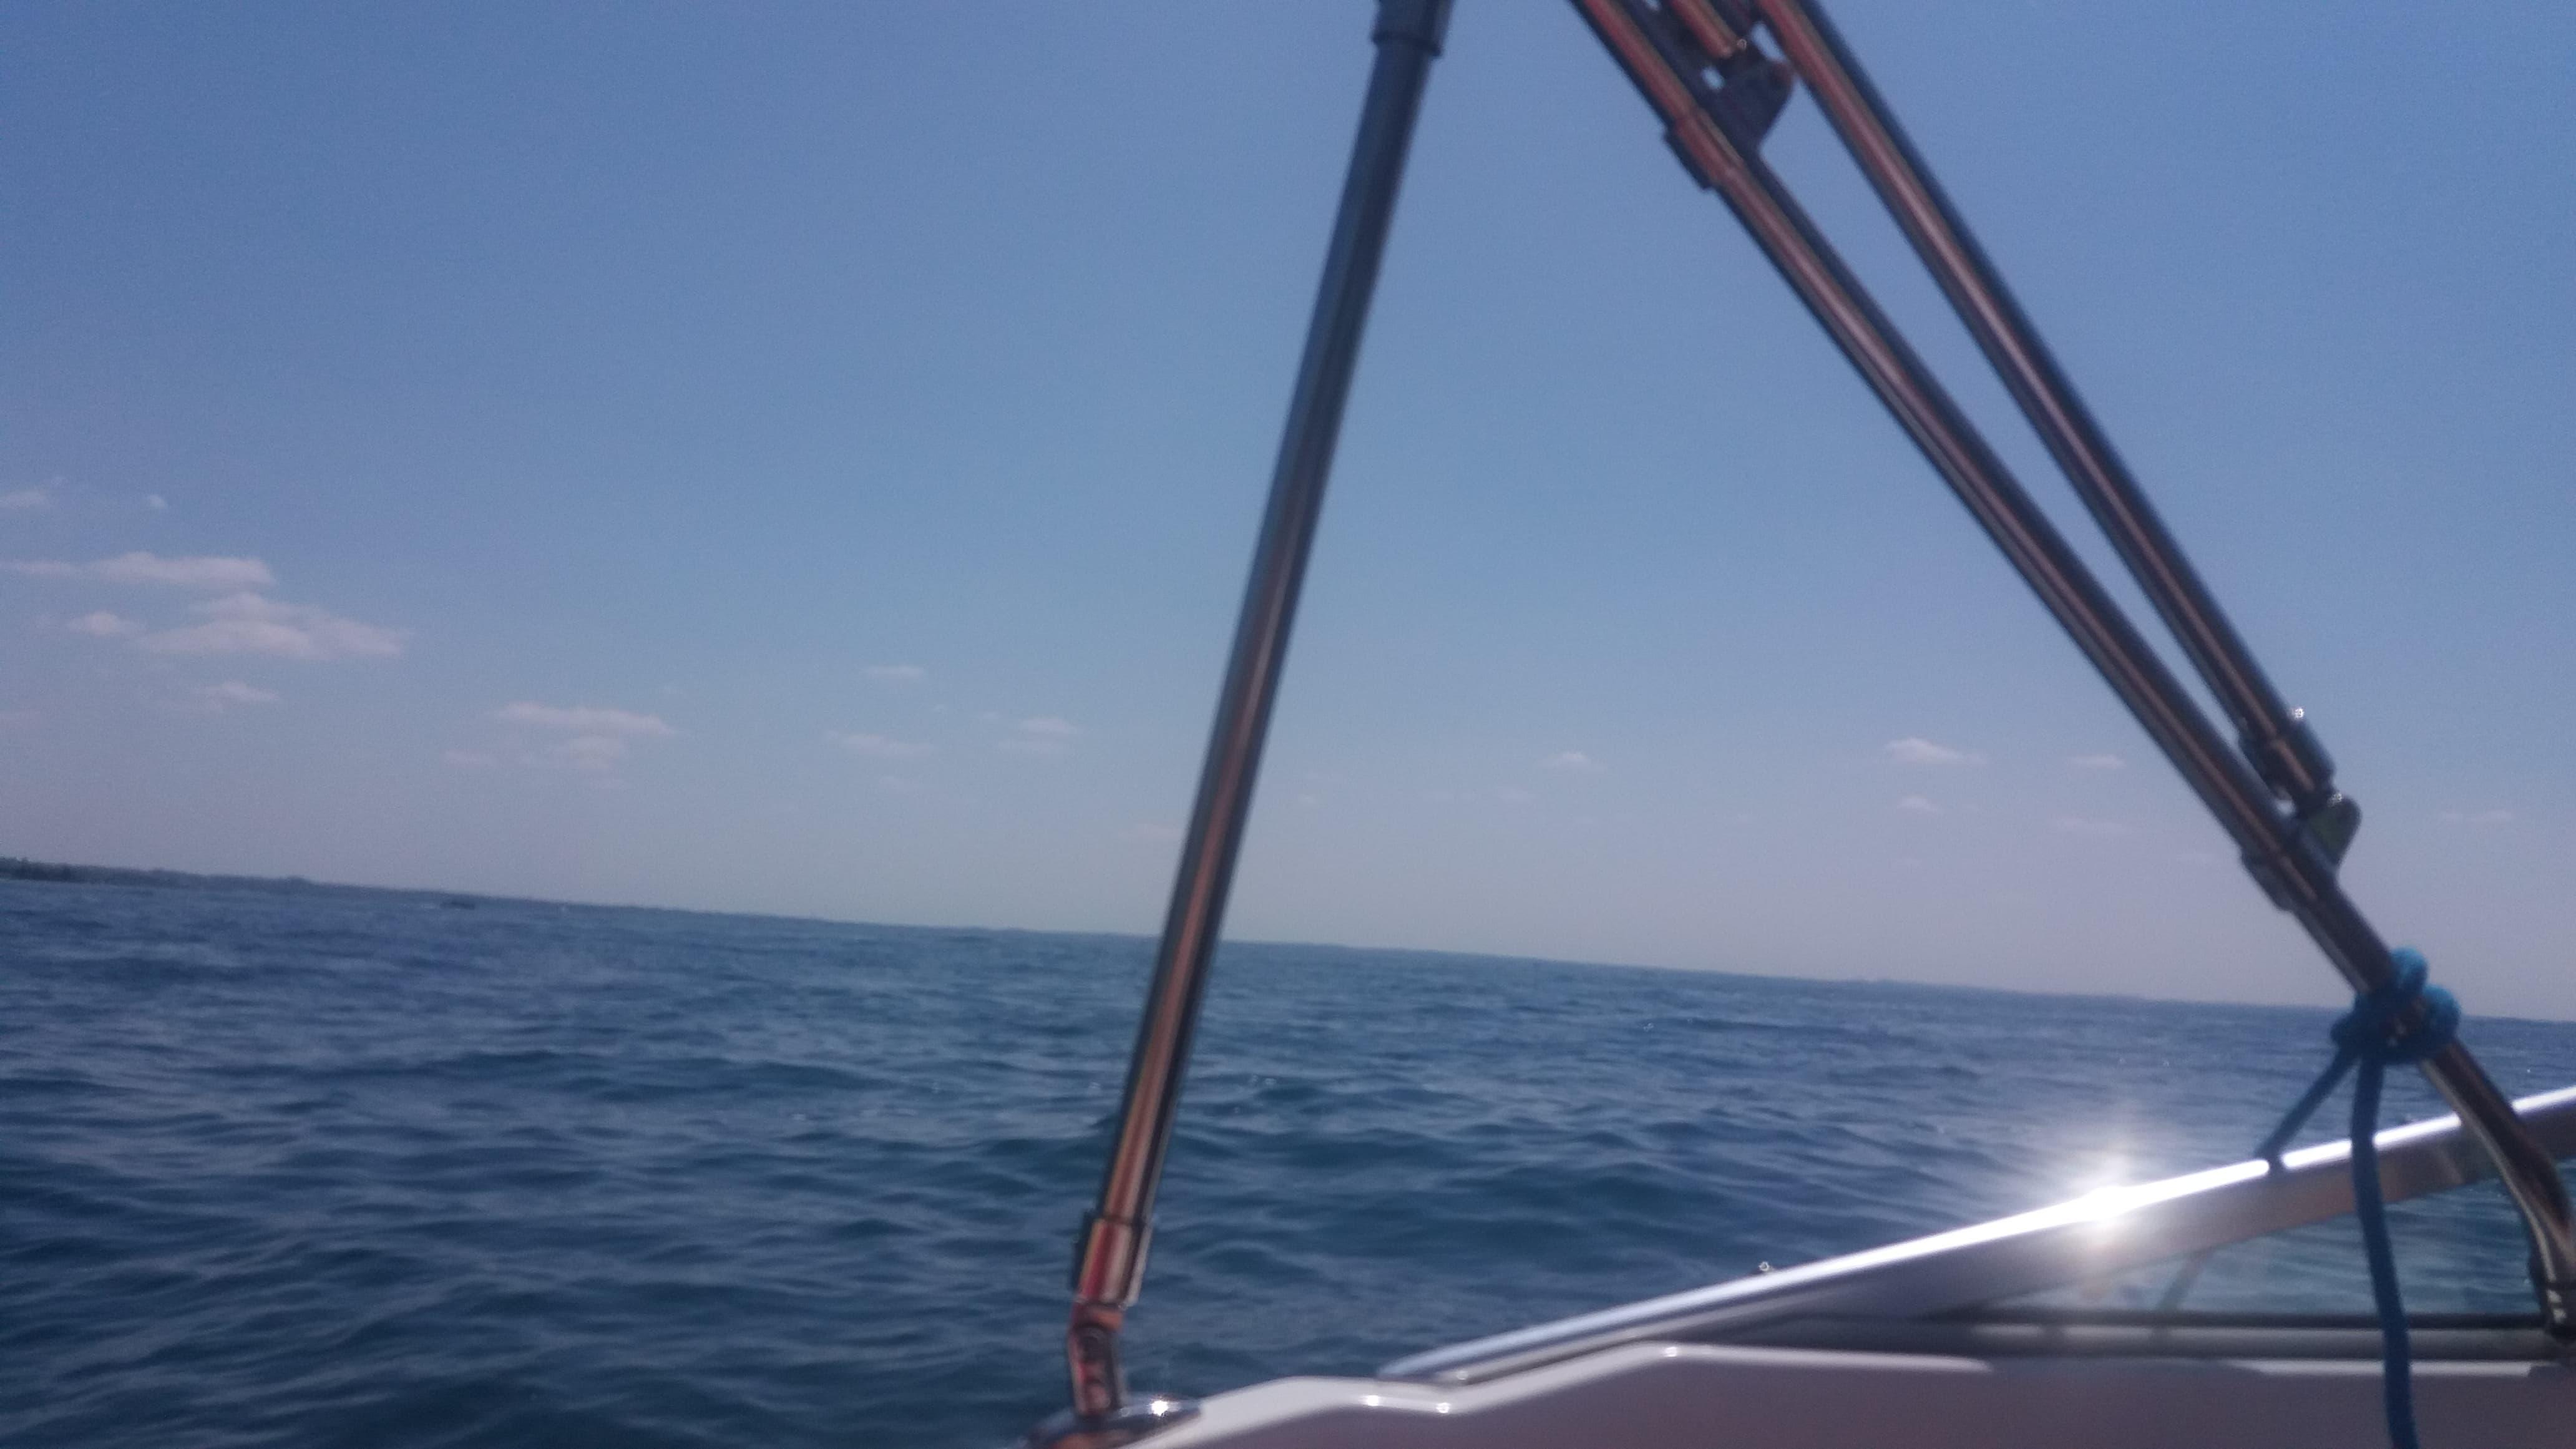 See vom Boot aus gesehen